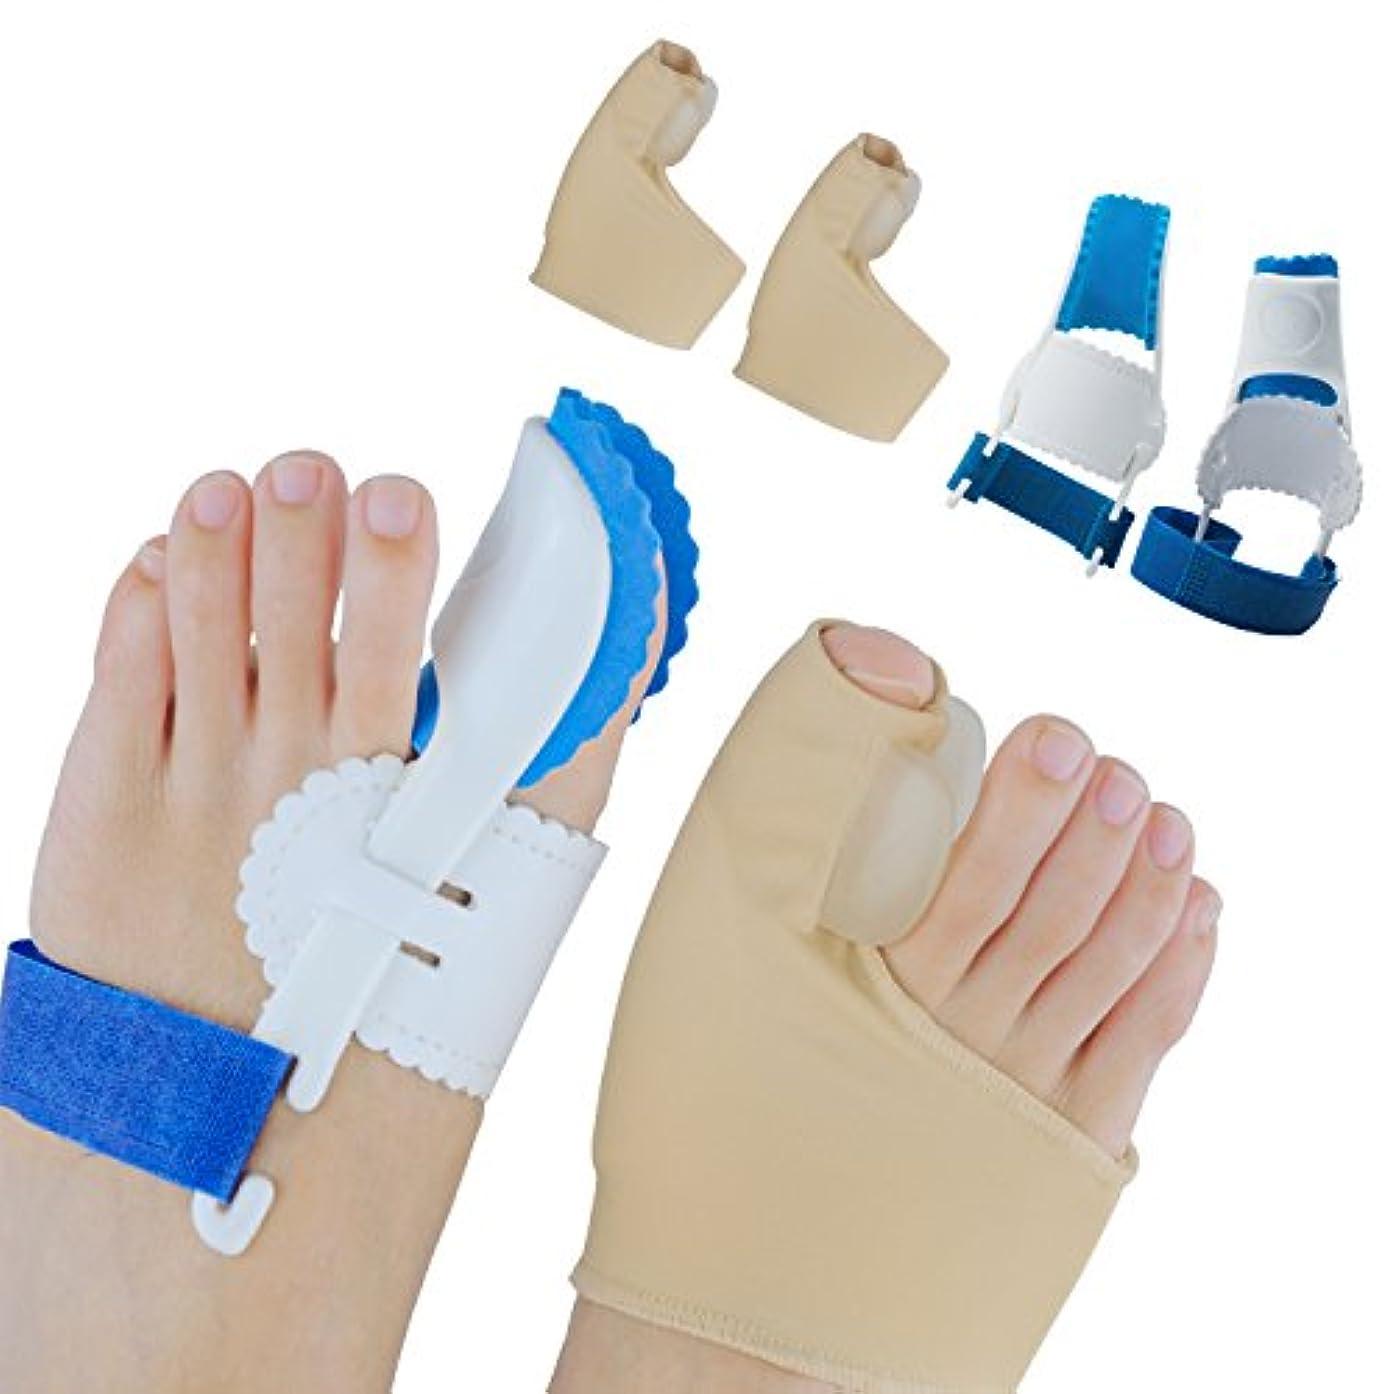 必要性数字ピービッシュSumifun外反母趾 専用 つま先セパレーター 矯正 ケア ベルト 寝ている間に親指矯正